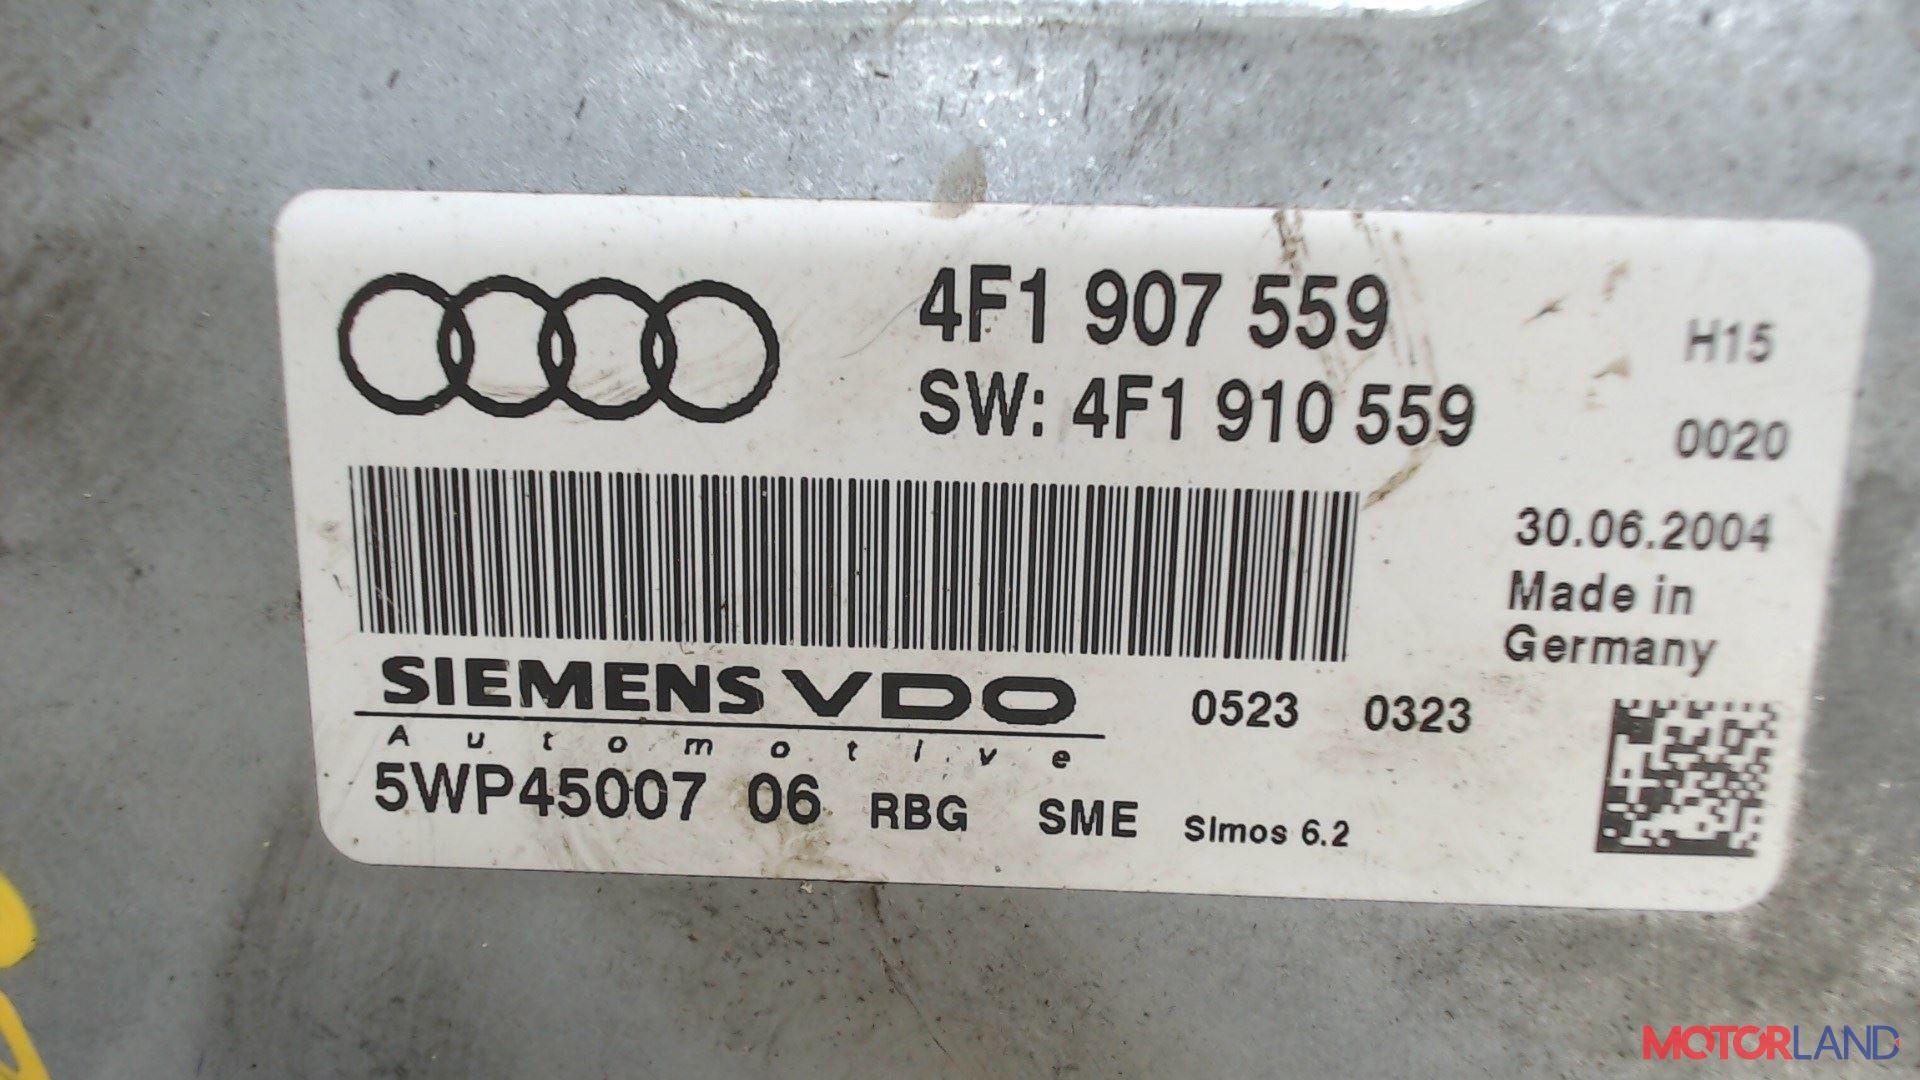 Блок управления (ЭБУ) Audi A6 (C6) 2005-2011 3.2 л. 2005 AUK б/у #3